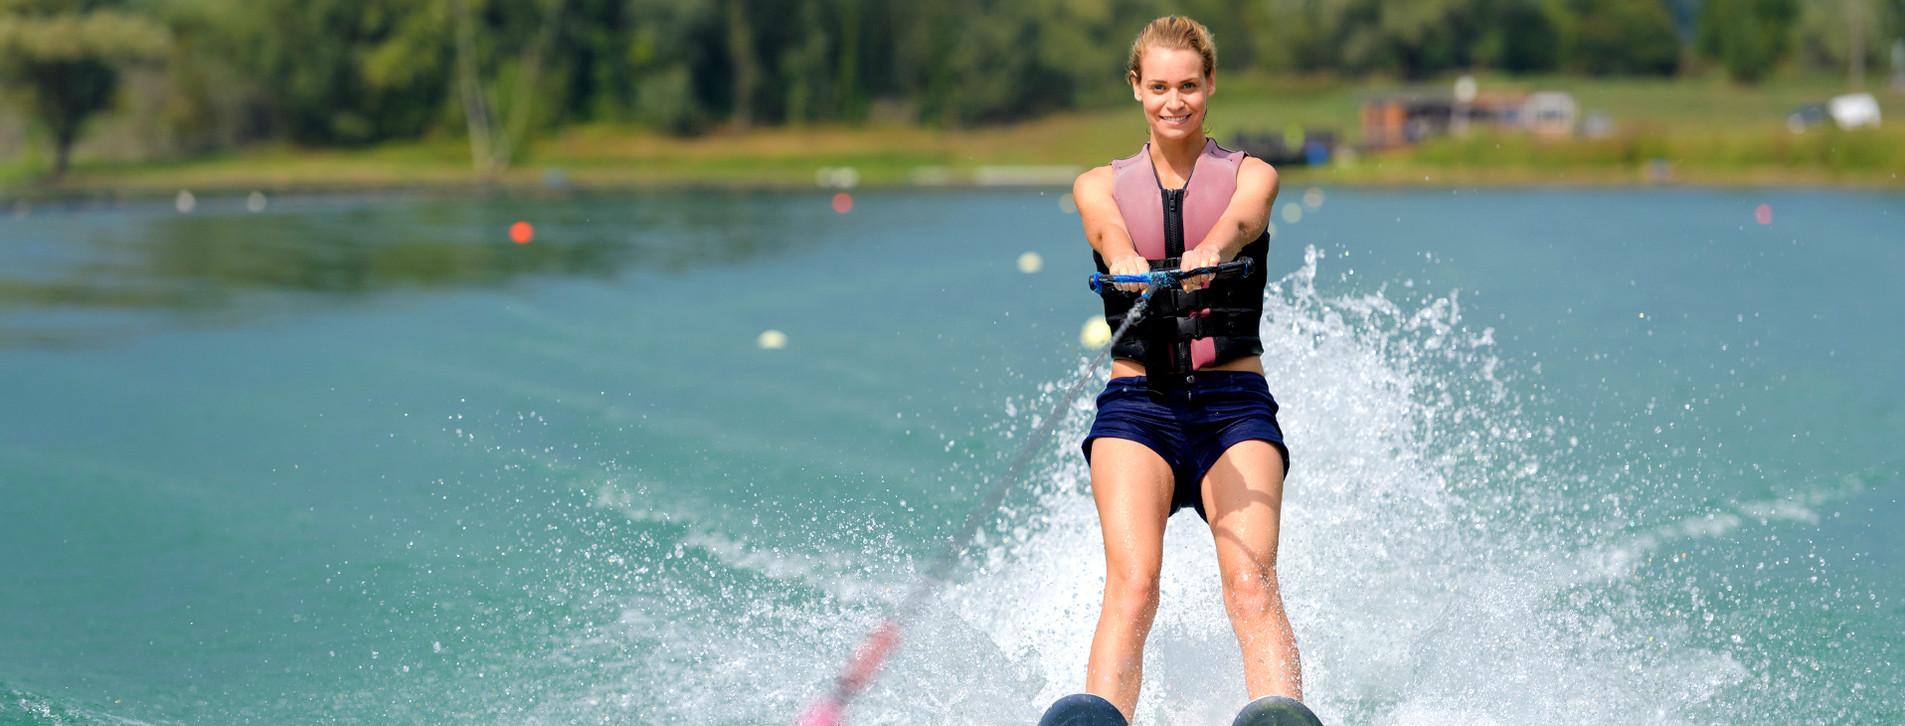 Фото - Катання на водних лижах для компанії